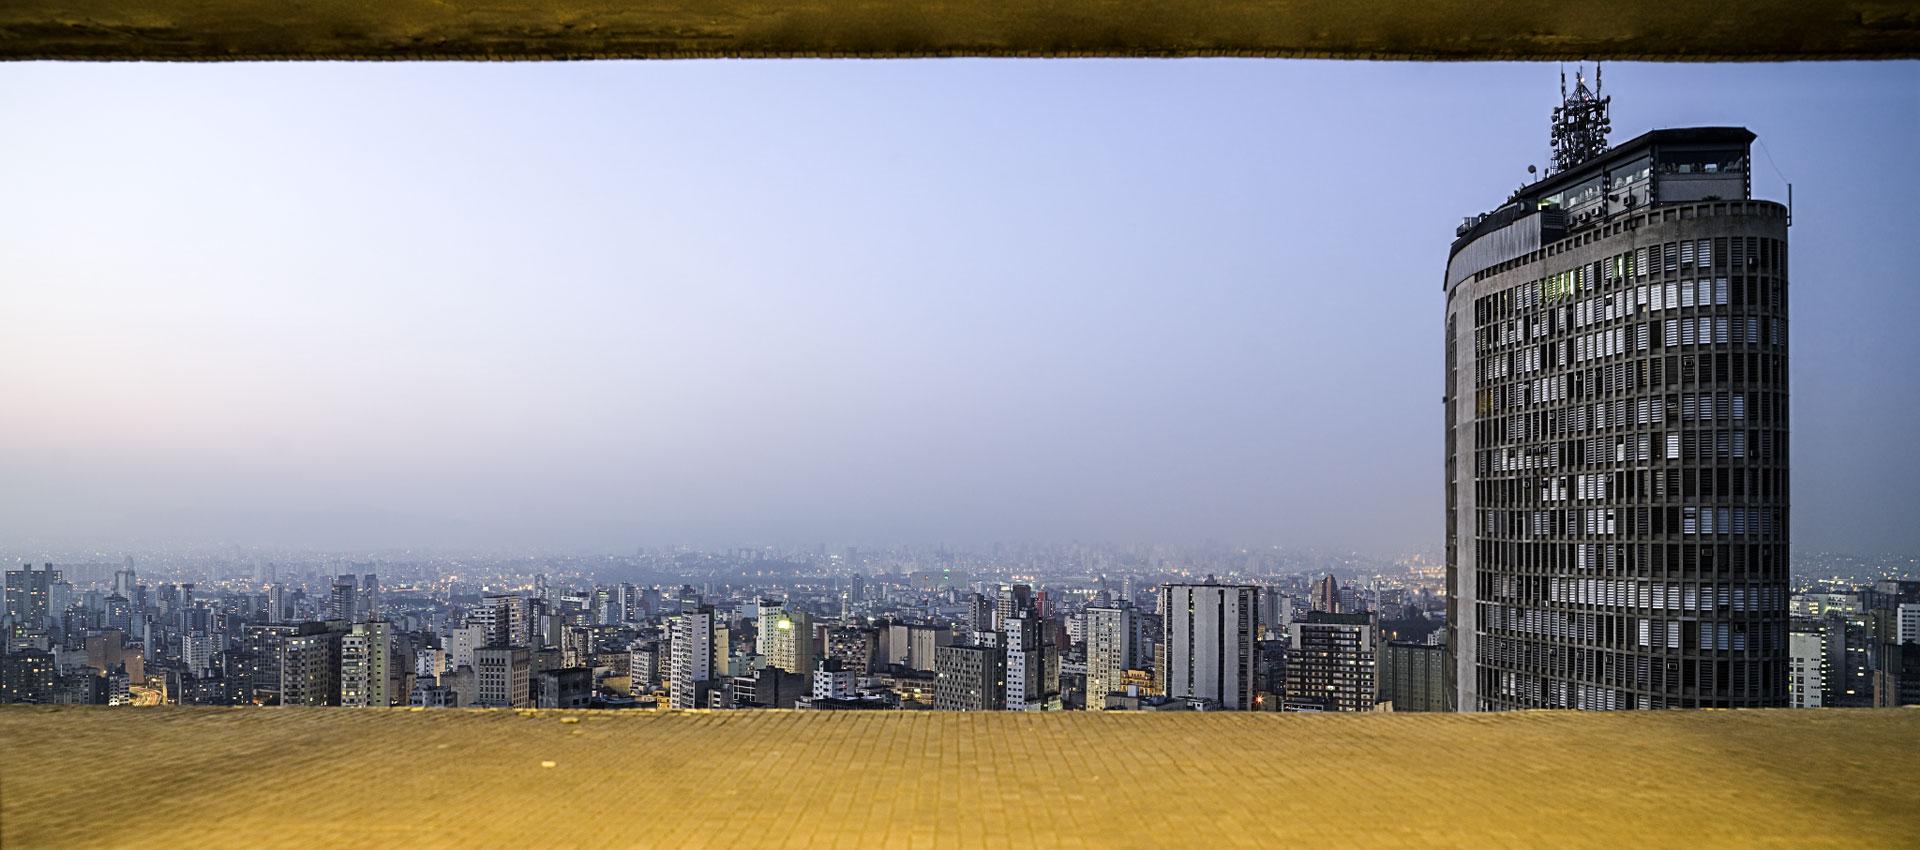 Fervor da Metrópole. Fotografía © José Manuel Ballester